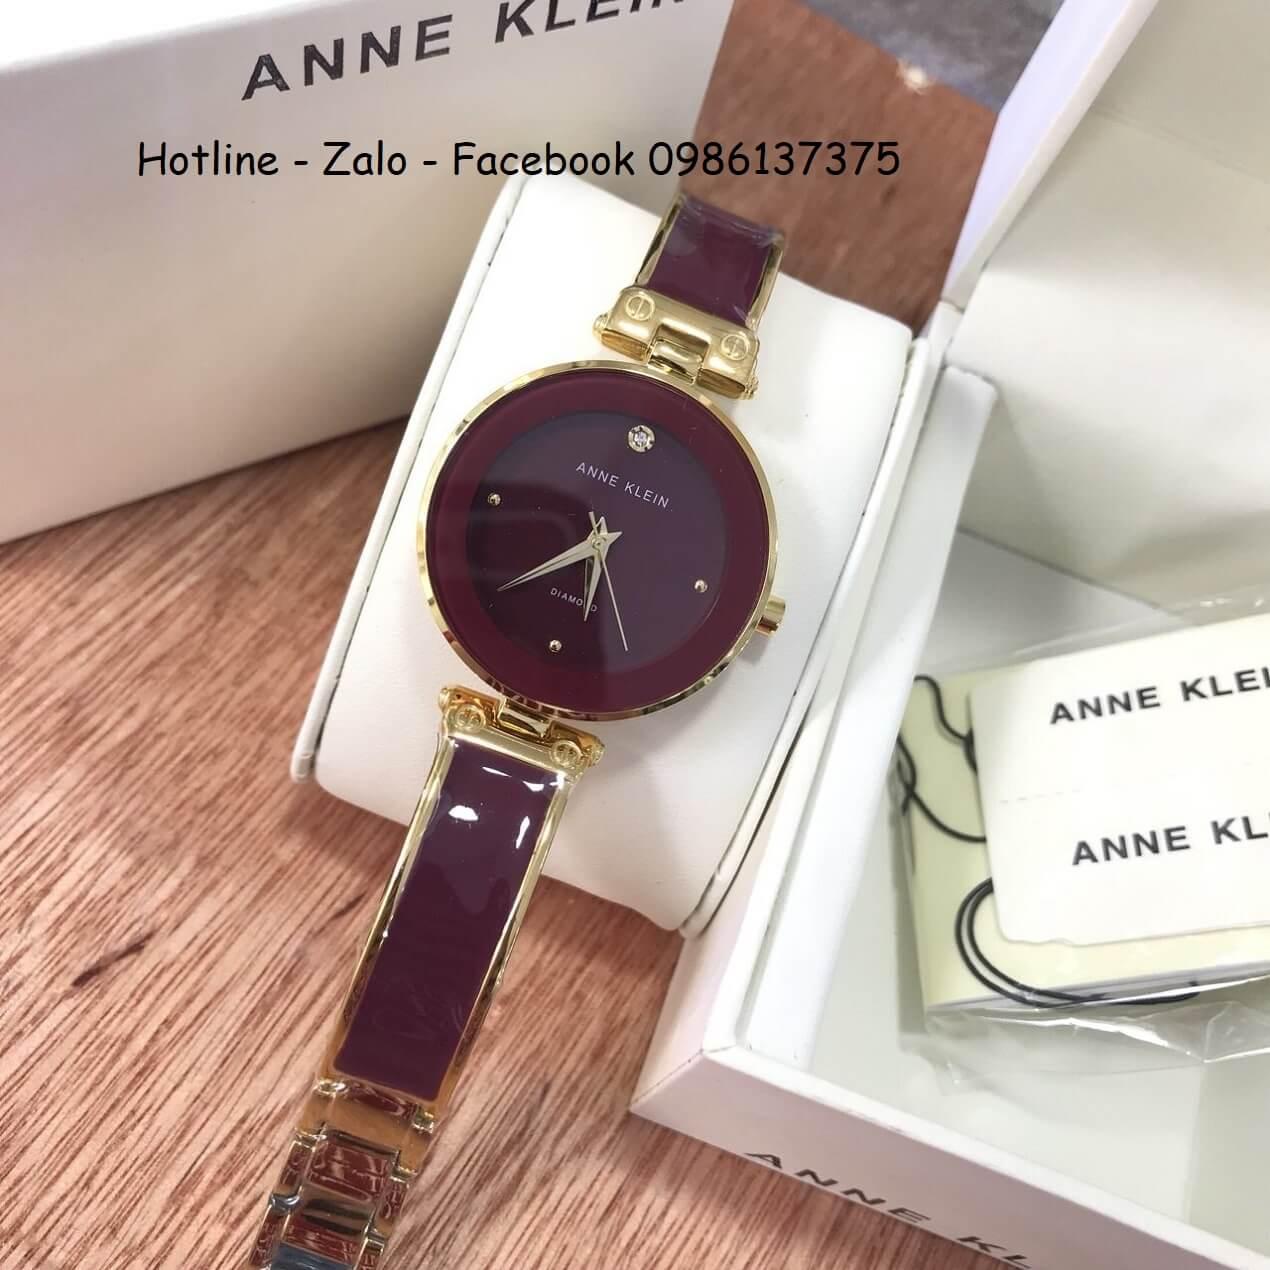 Đồng Hồ Anne Klein Nữ Màu Đỏ Mận 28mm (Gold)